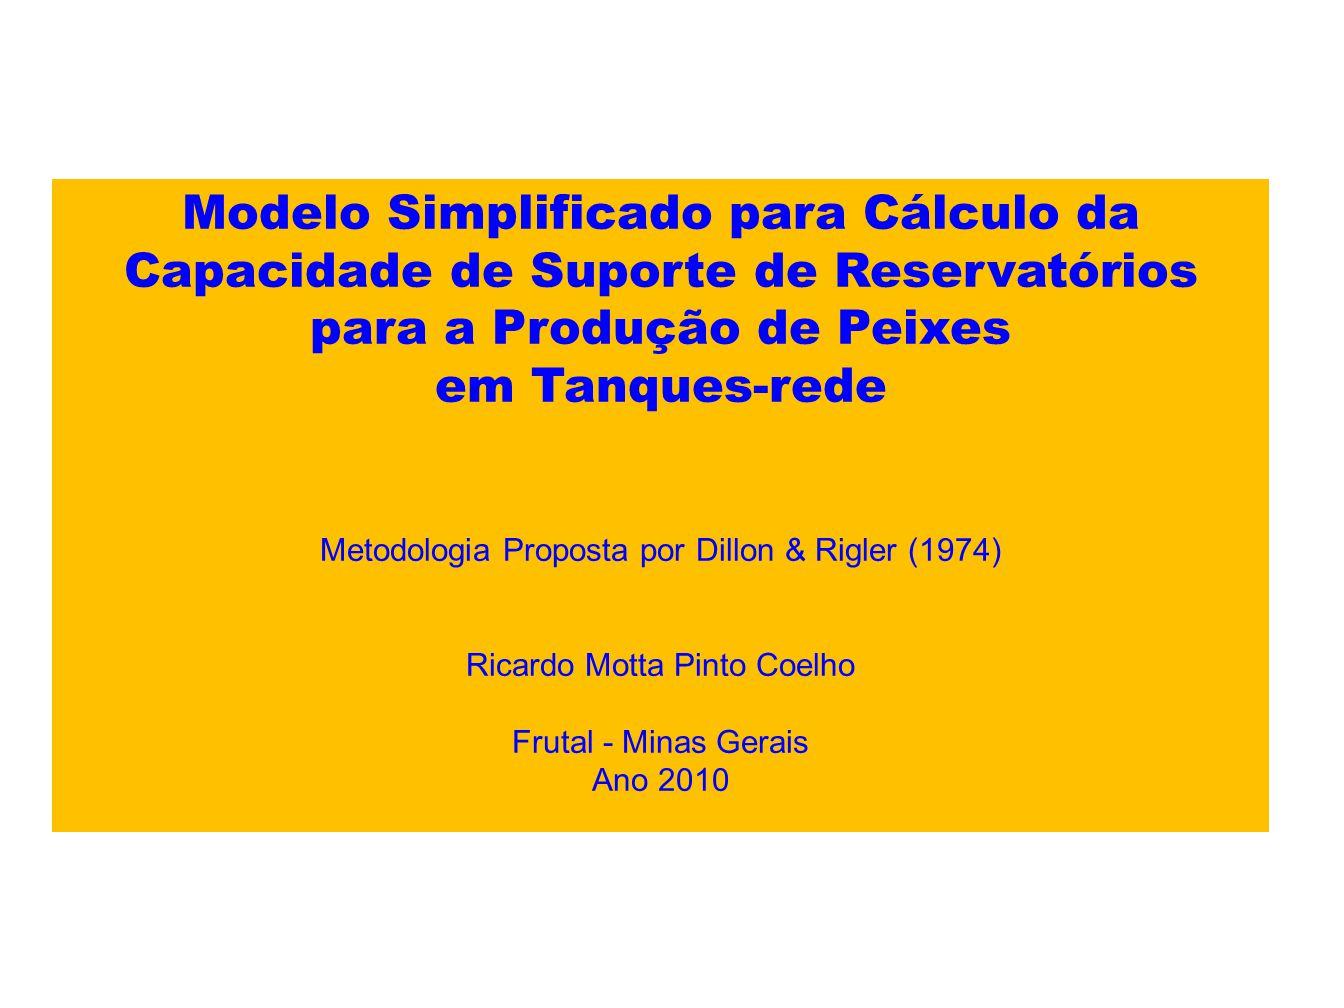 Modelo Simplificado para Cálculo da Capacidade de Suporte de Reservatórios para a Produção de Peixes